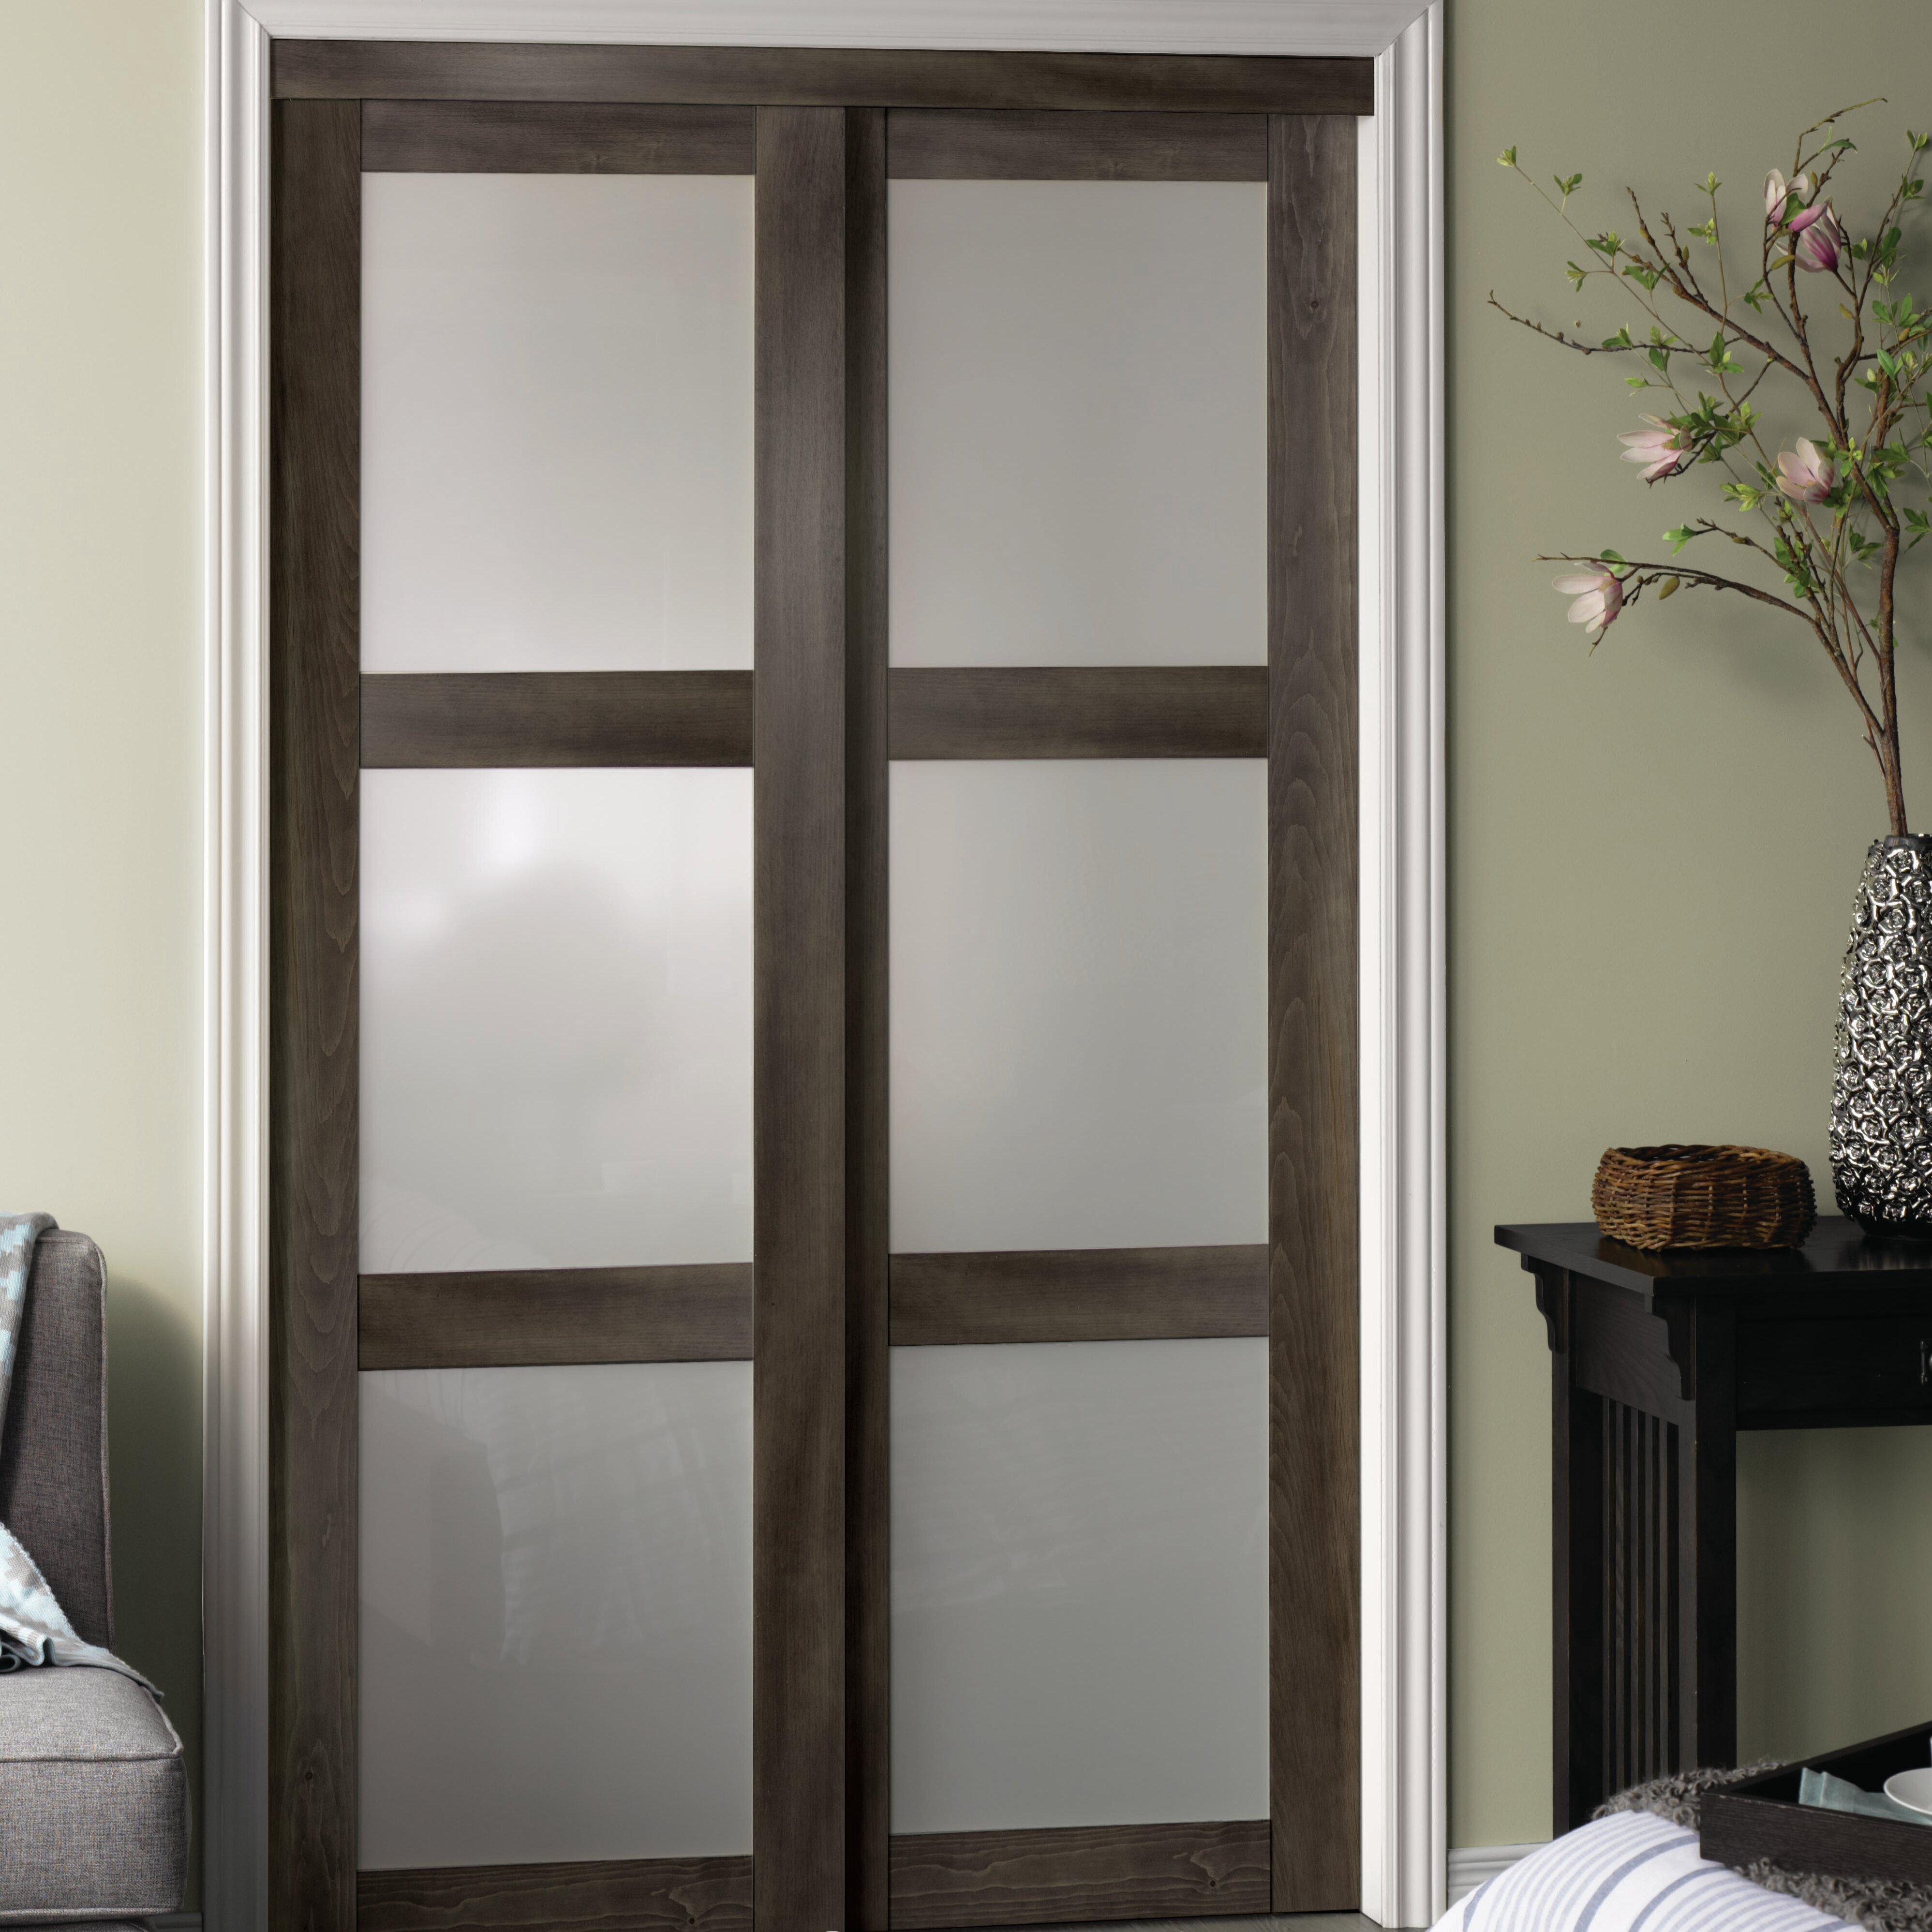 Awesome Erias Home Designs Baldarassario 3 Lite 2 Panel MDF Sliding Interior Door U0026  Reviews | Wayfair